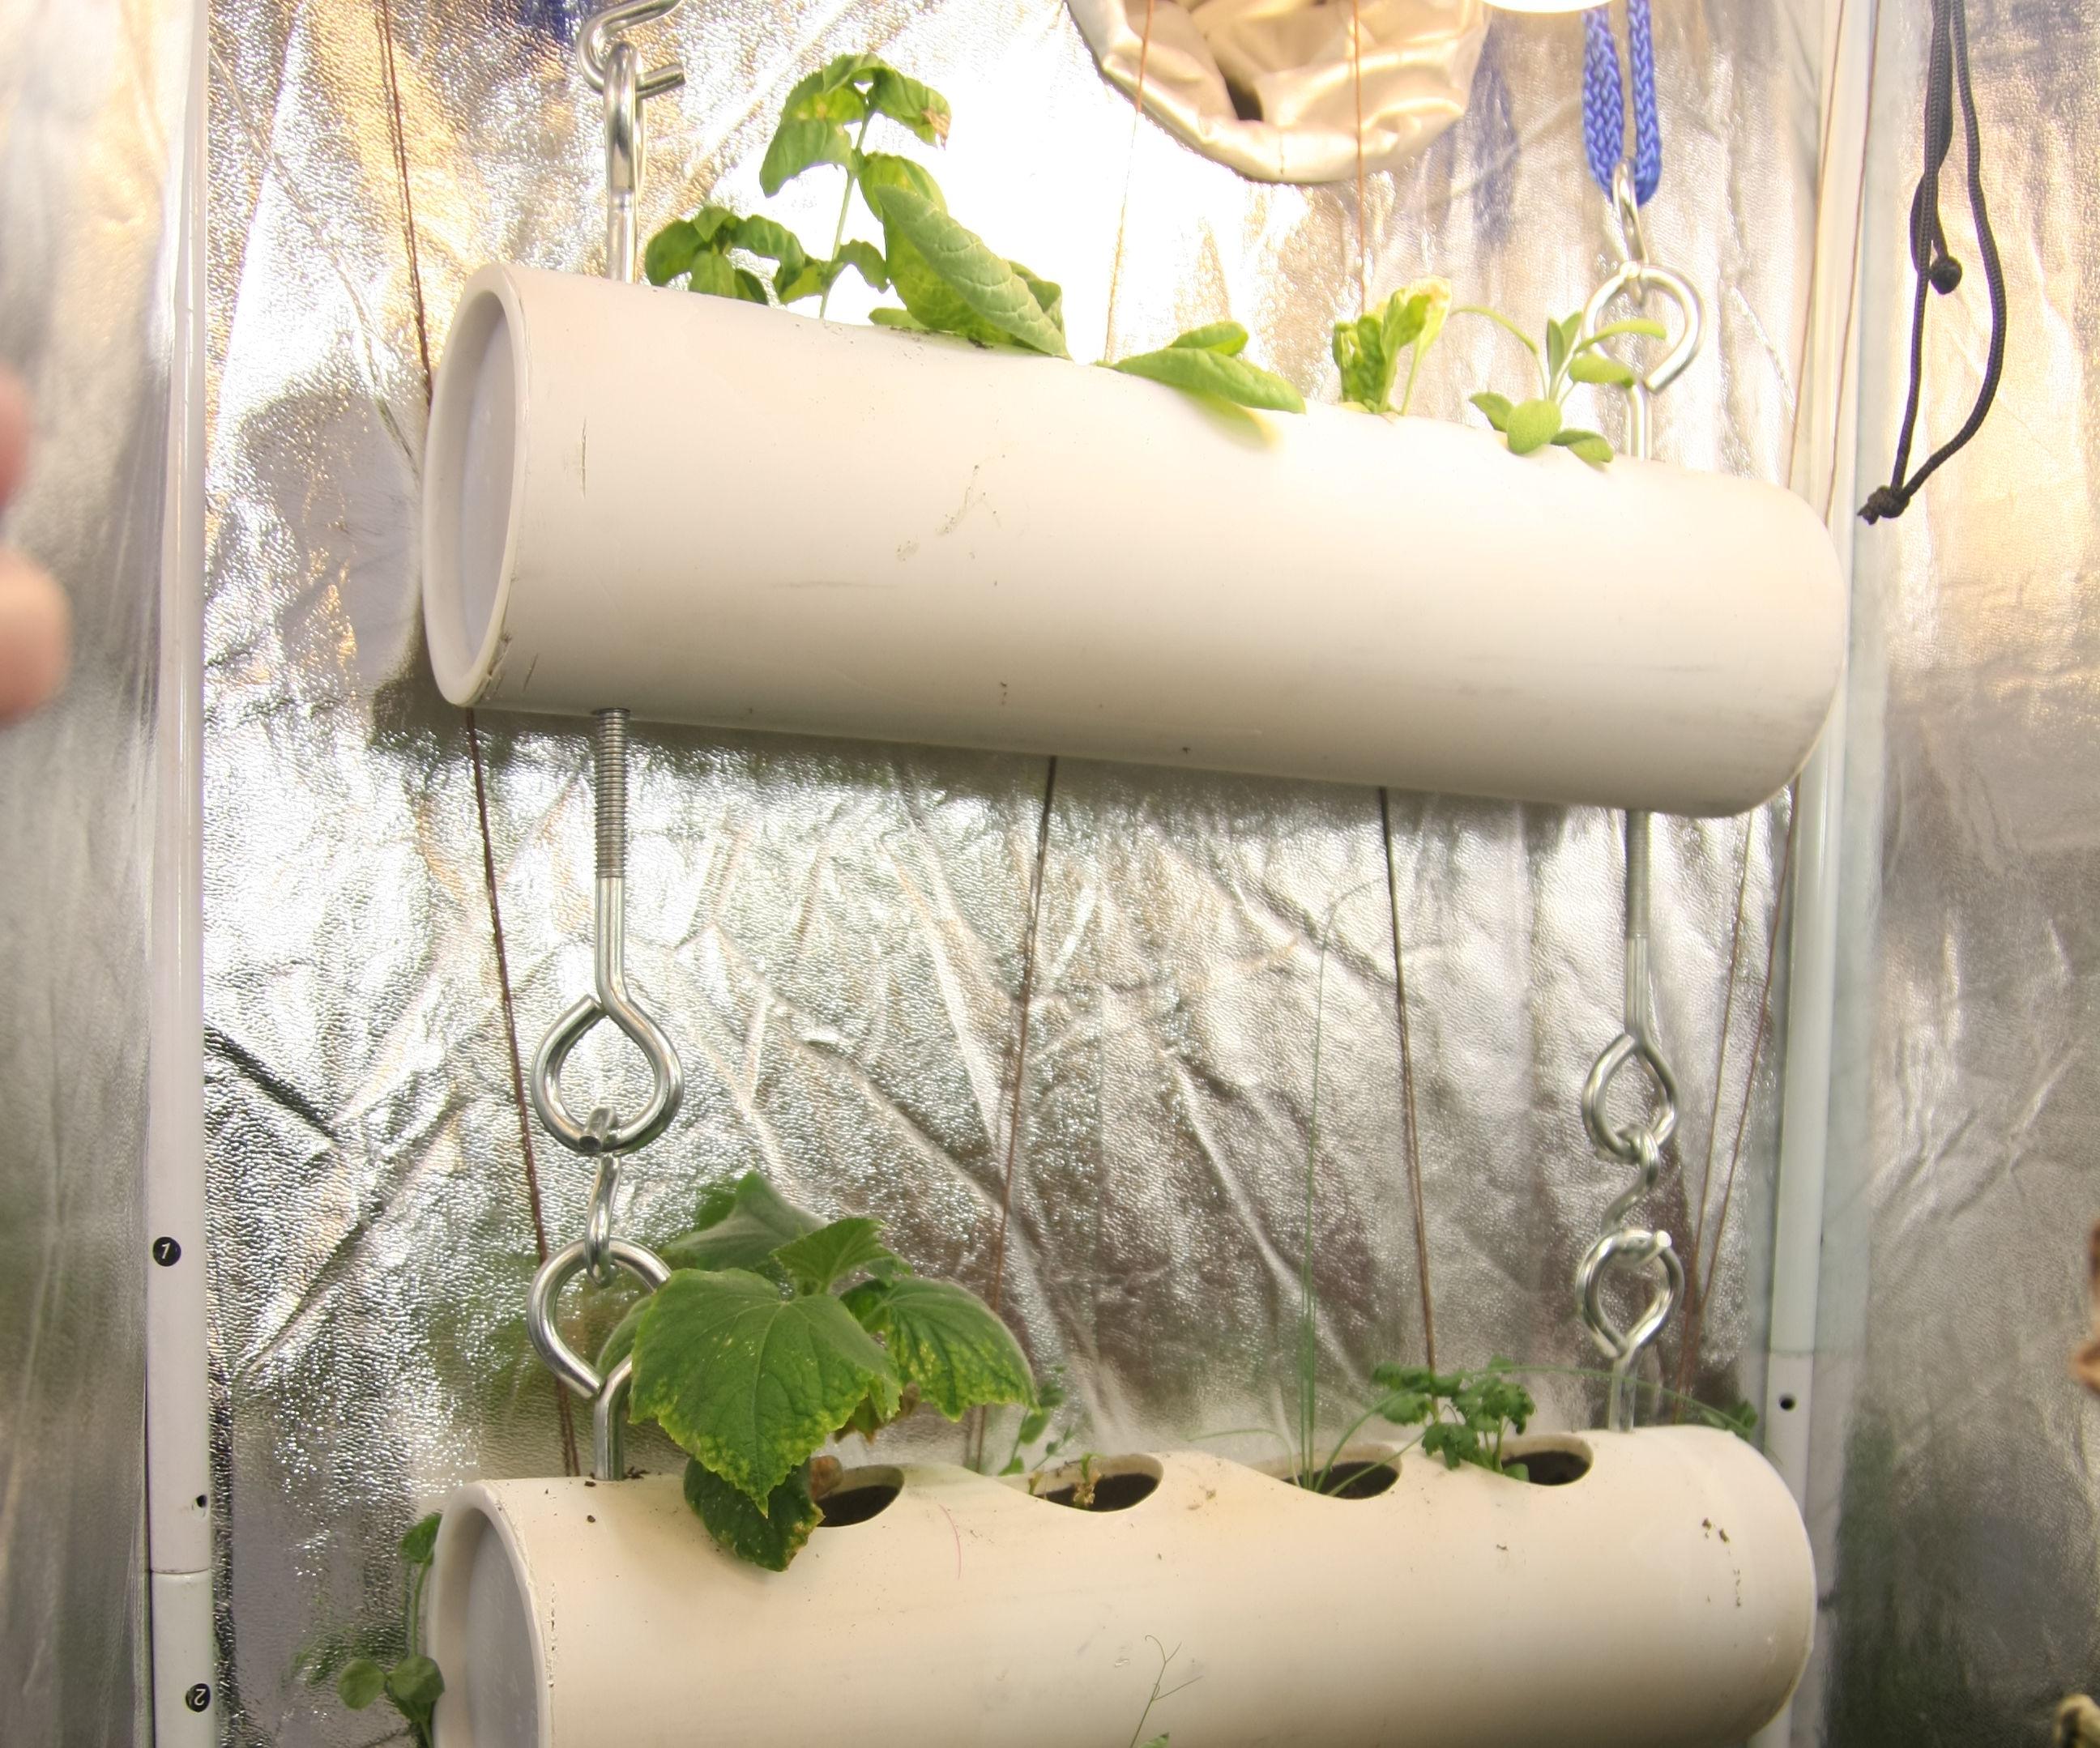 Modular Hanging Garden System